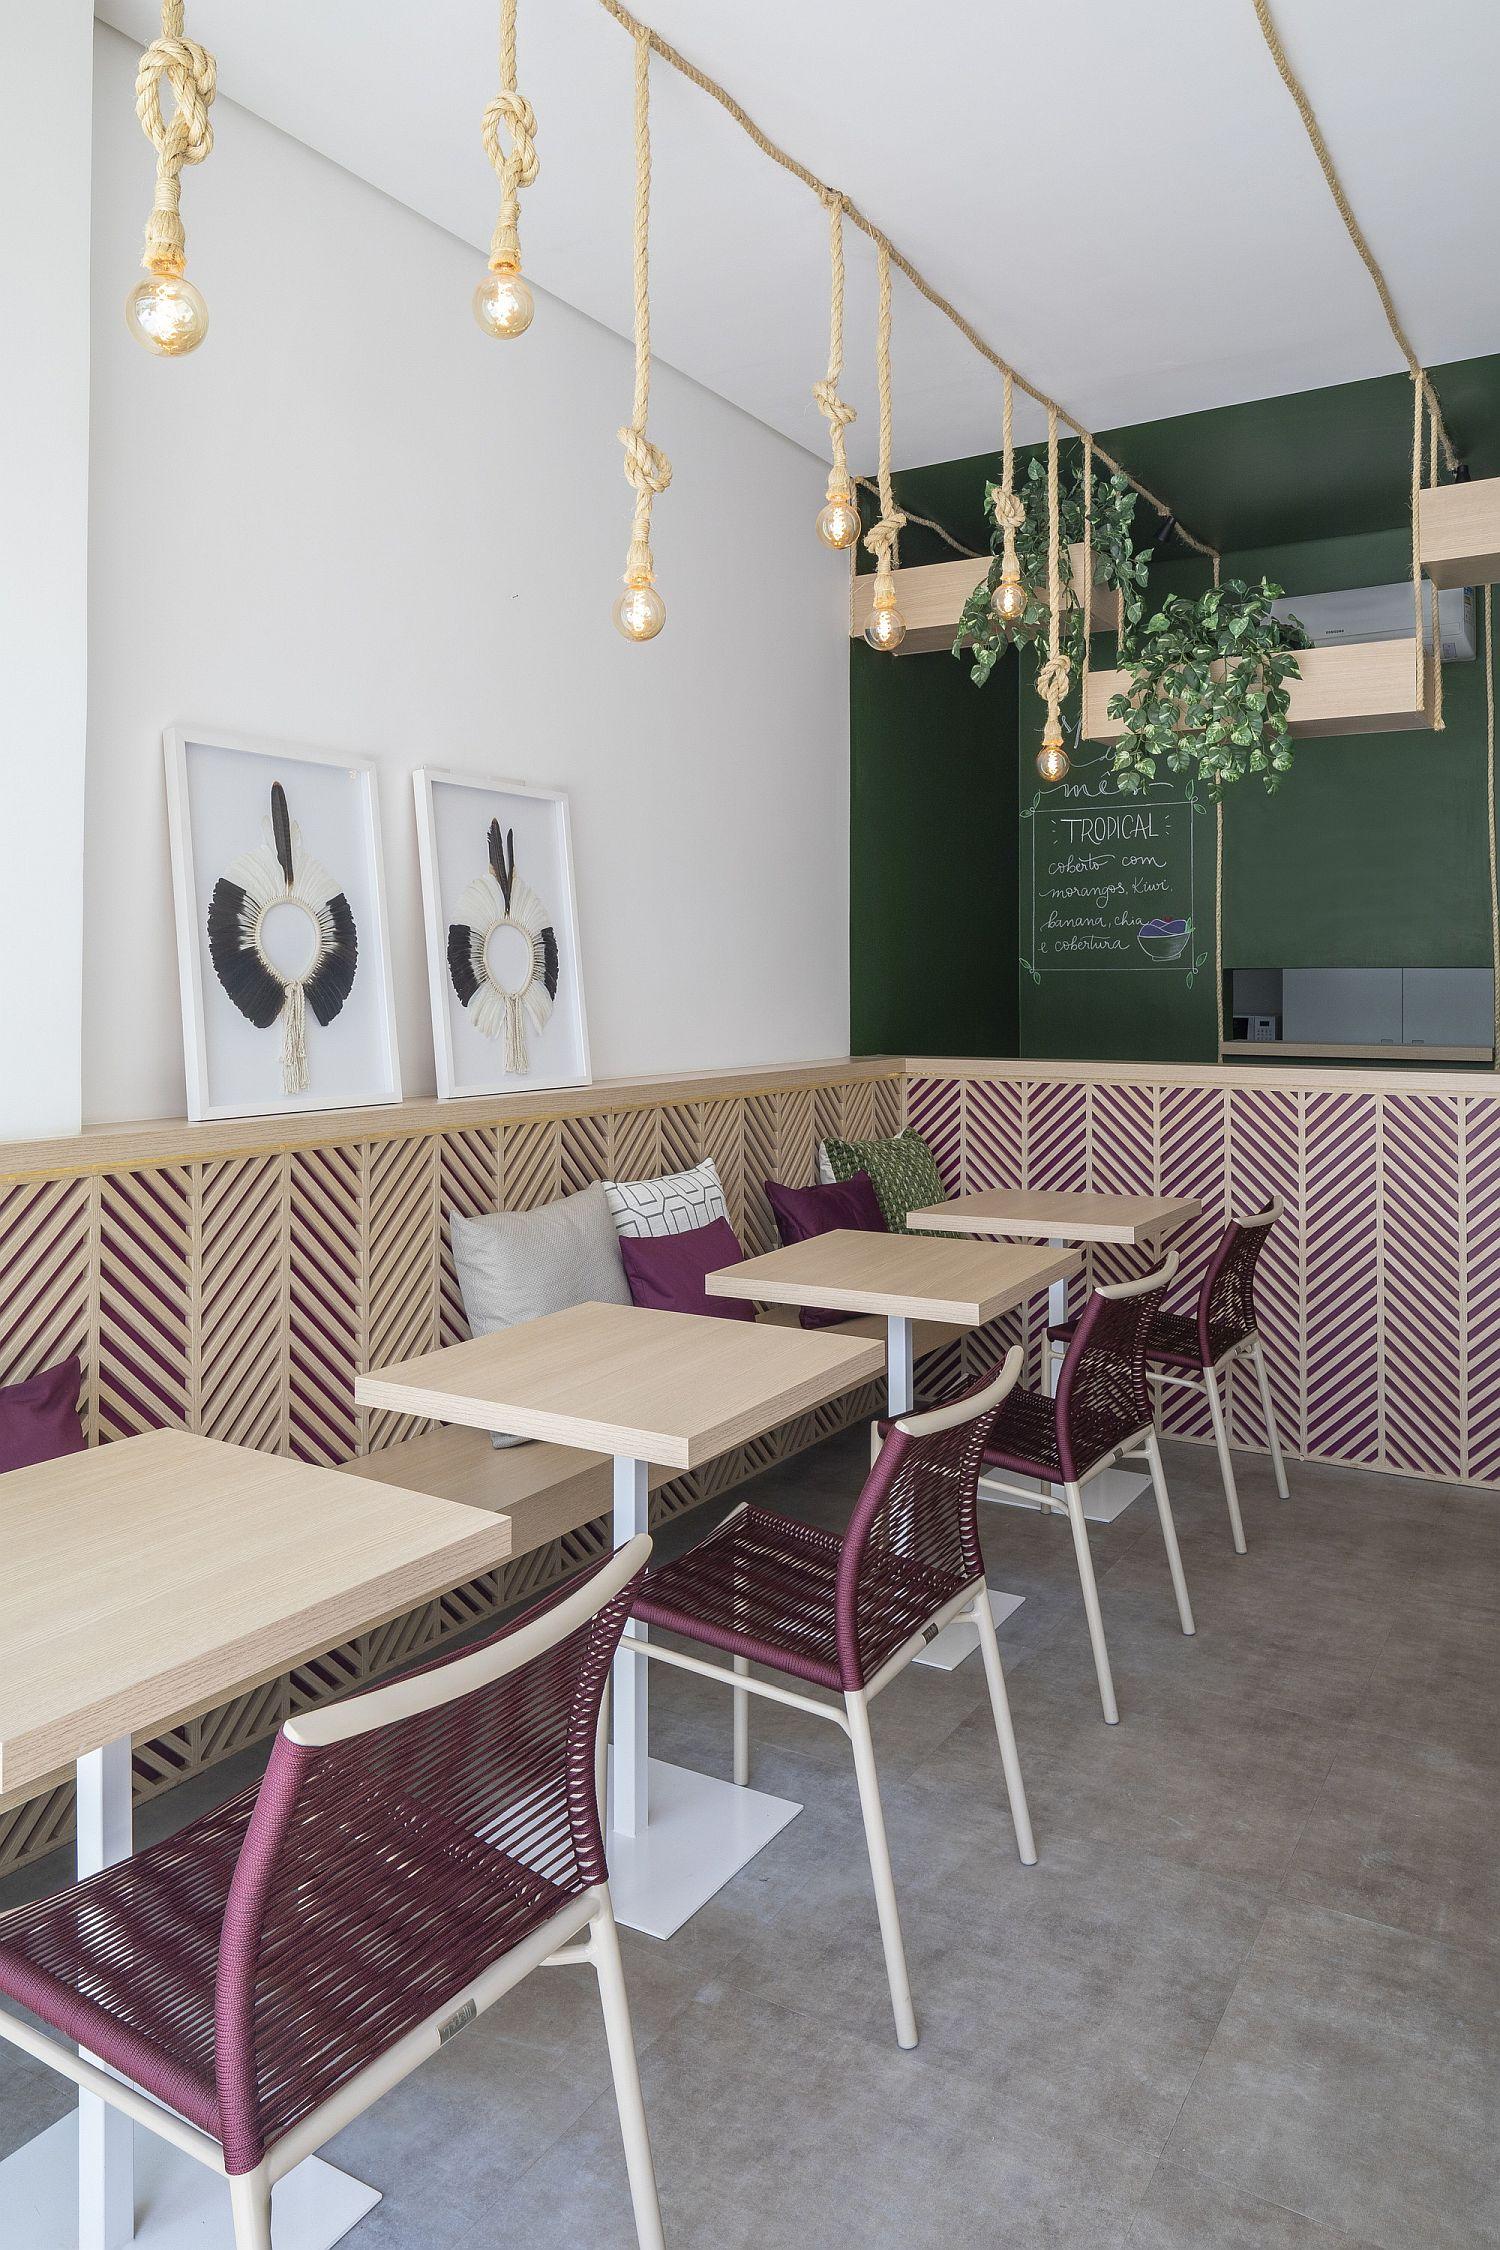 Innovative new design of diner in Brazil